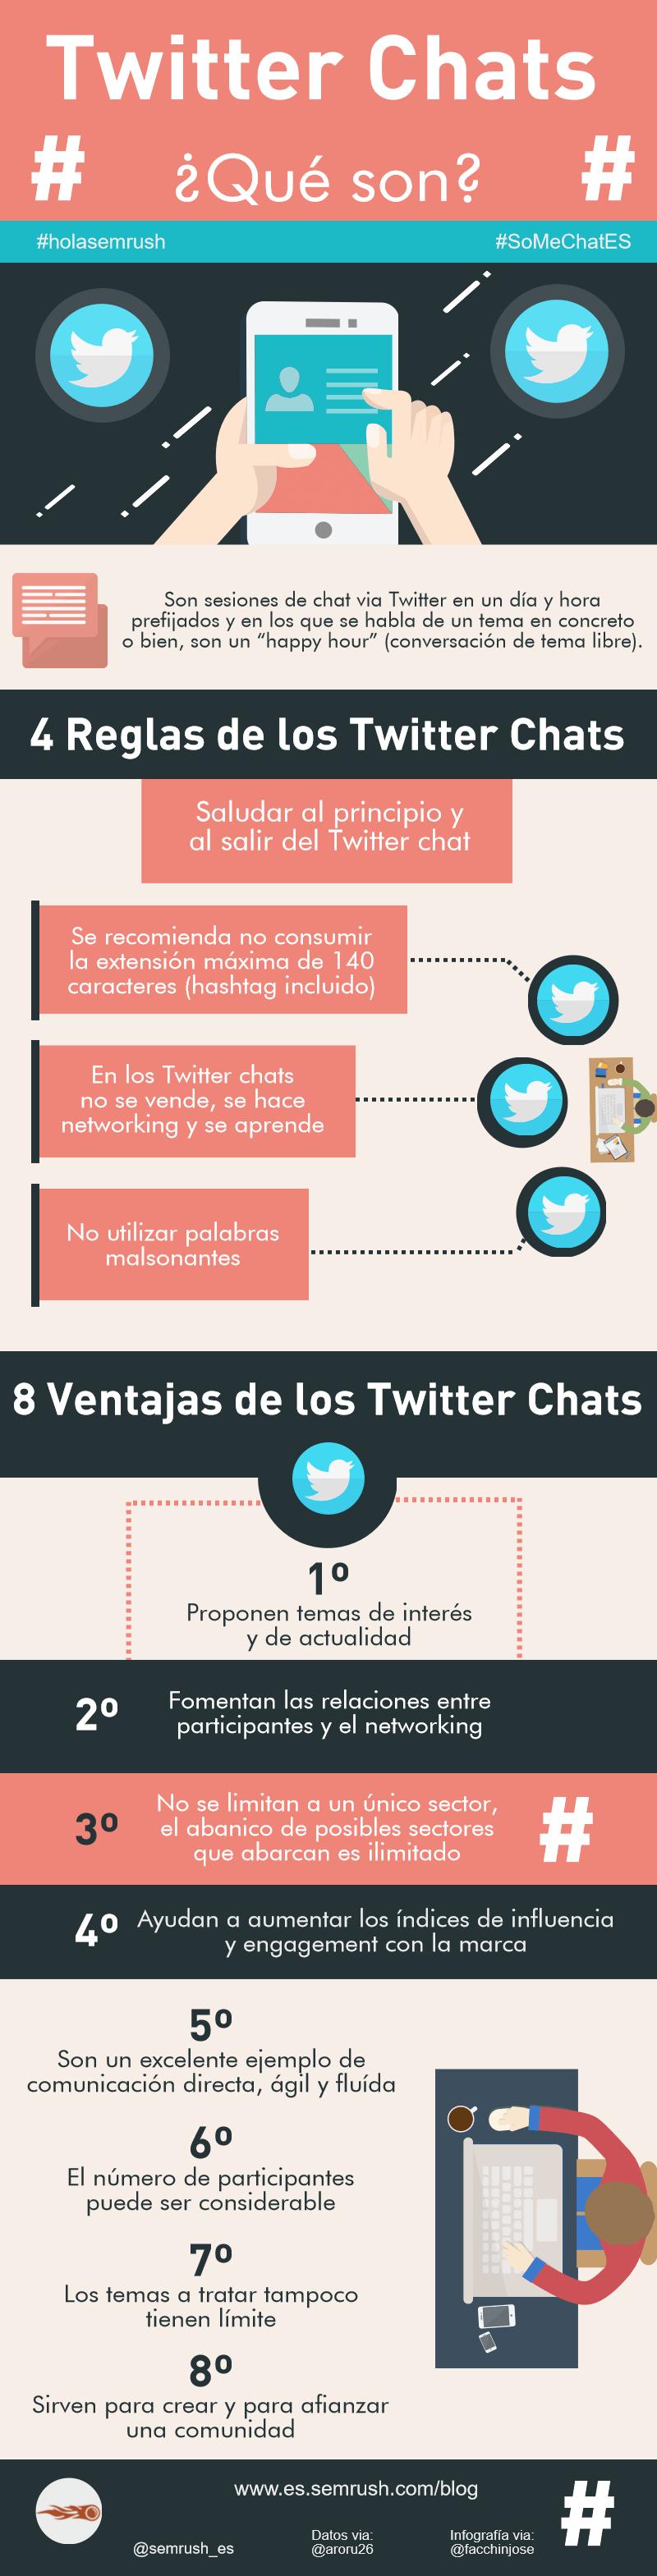 8 Ventajas de los Twitter chats para empresas y profesionales